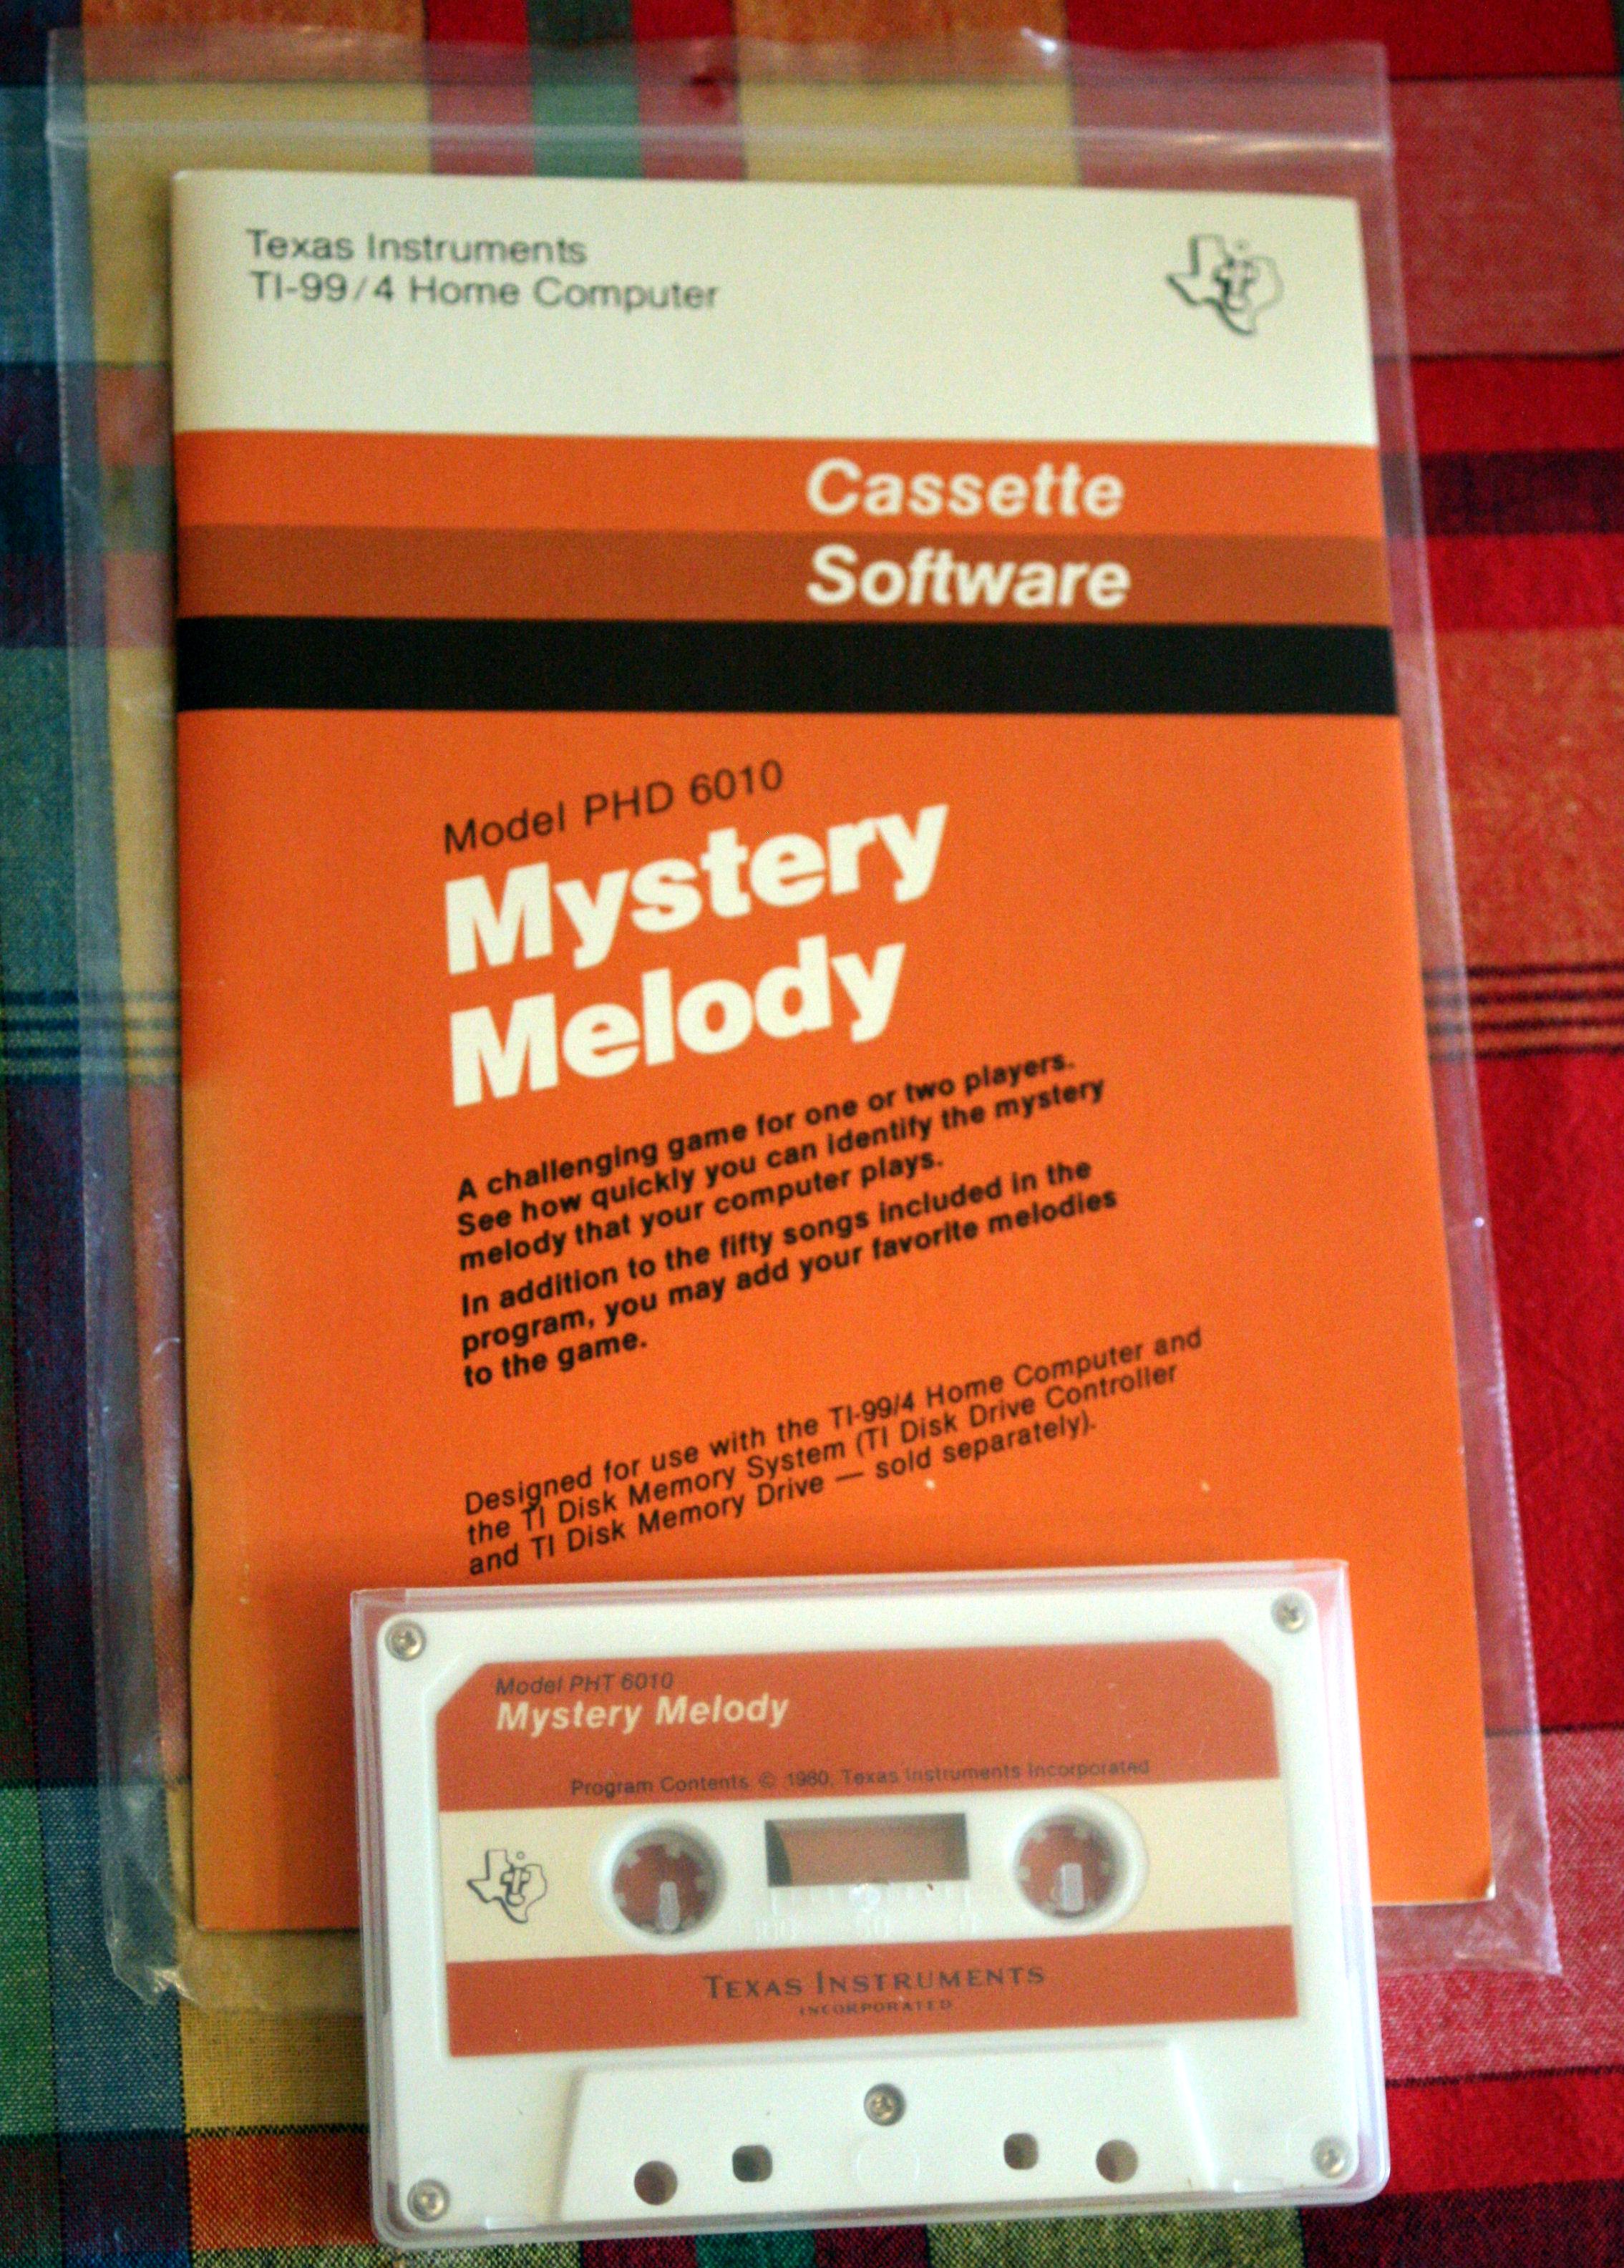 Mystery Melody